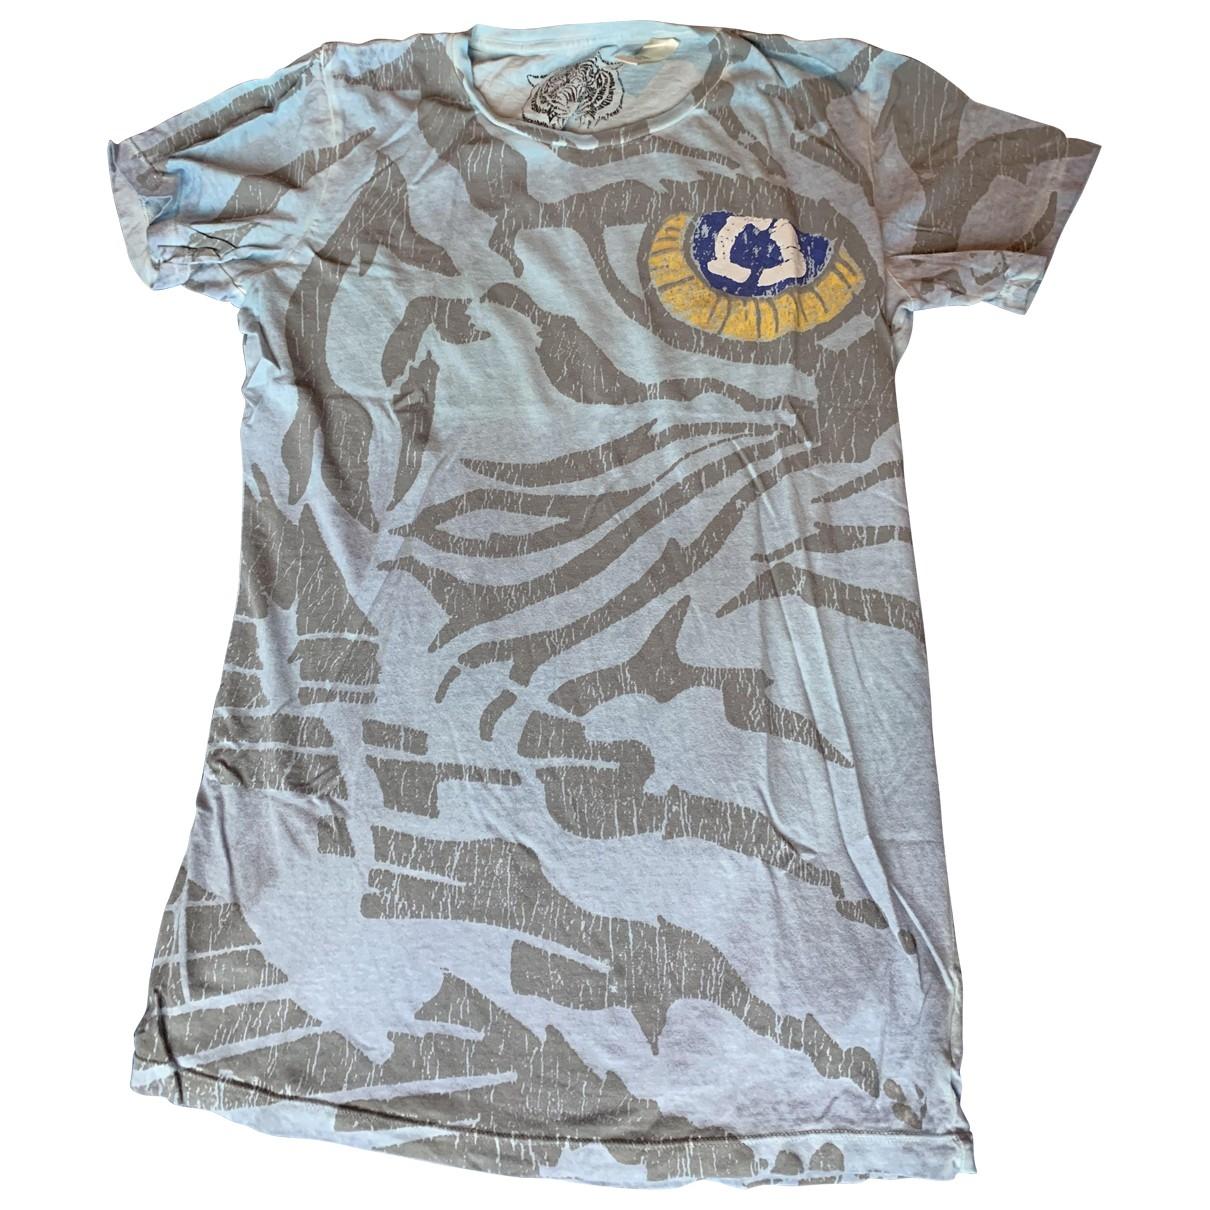 Diesel - Tee shirts   pour homme en coton - bleu